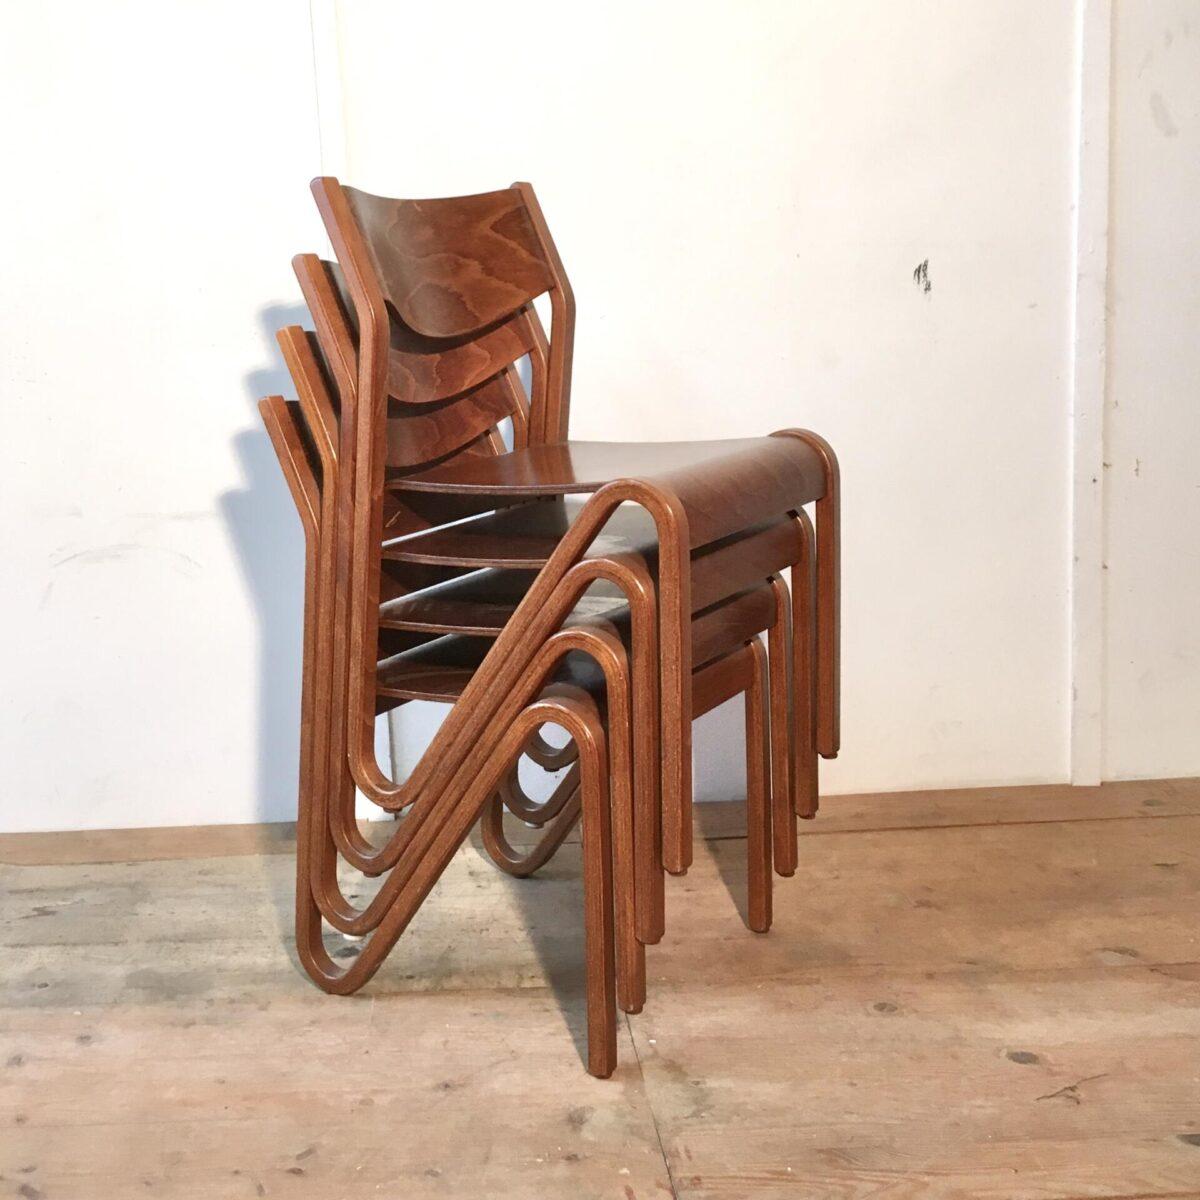 24 Stühle von Zingg Lamprecht. Preis pro Stuhl. Die Stühle sind aus Buchenholz Formverleimt. Dunkelbraun gebeizt und Lackiert. In gutem Zustand hochwertige Verarbeitung. Das spezielle Design geht wohl über einen simplen funktionalen Stapelstuhl hinaus. Bequeme Esszimmer Stühle. Stapelbare Schulstühle, Mensa Stühle, Saal Bestuhlung.